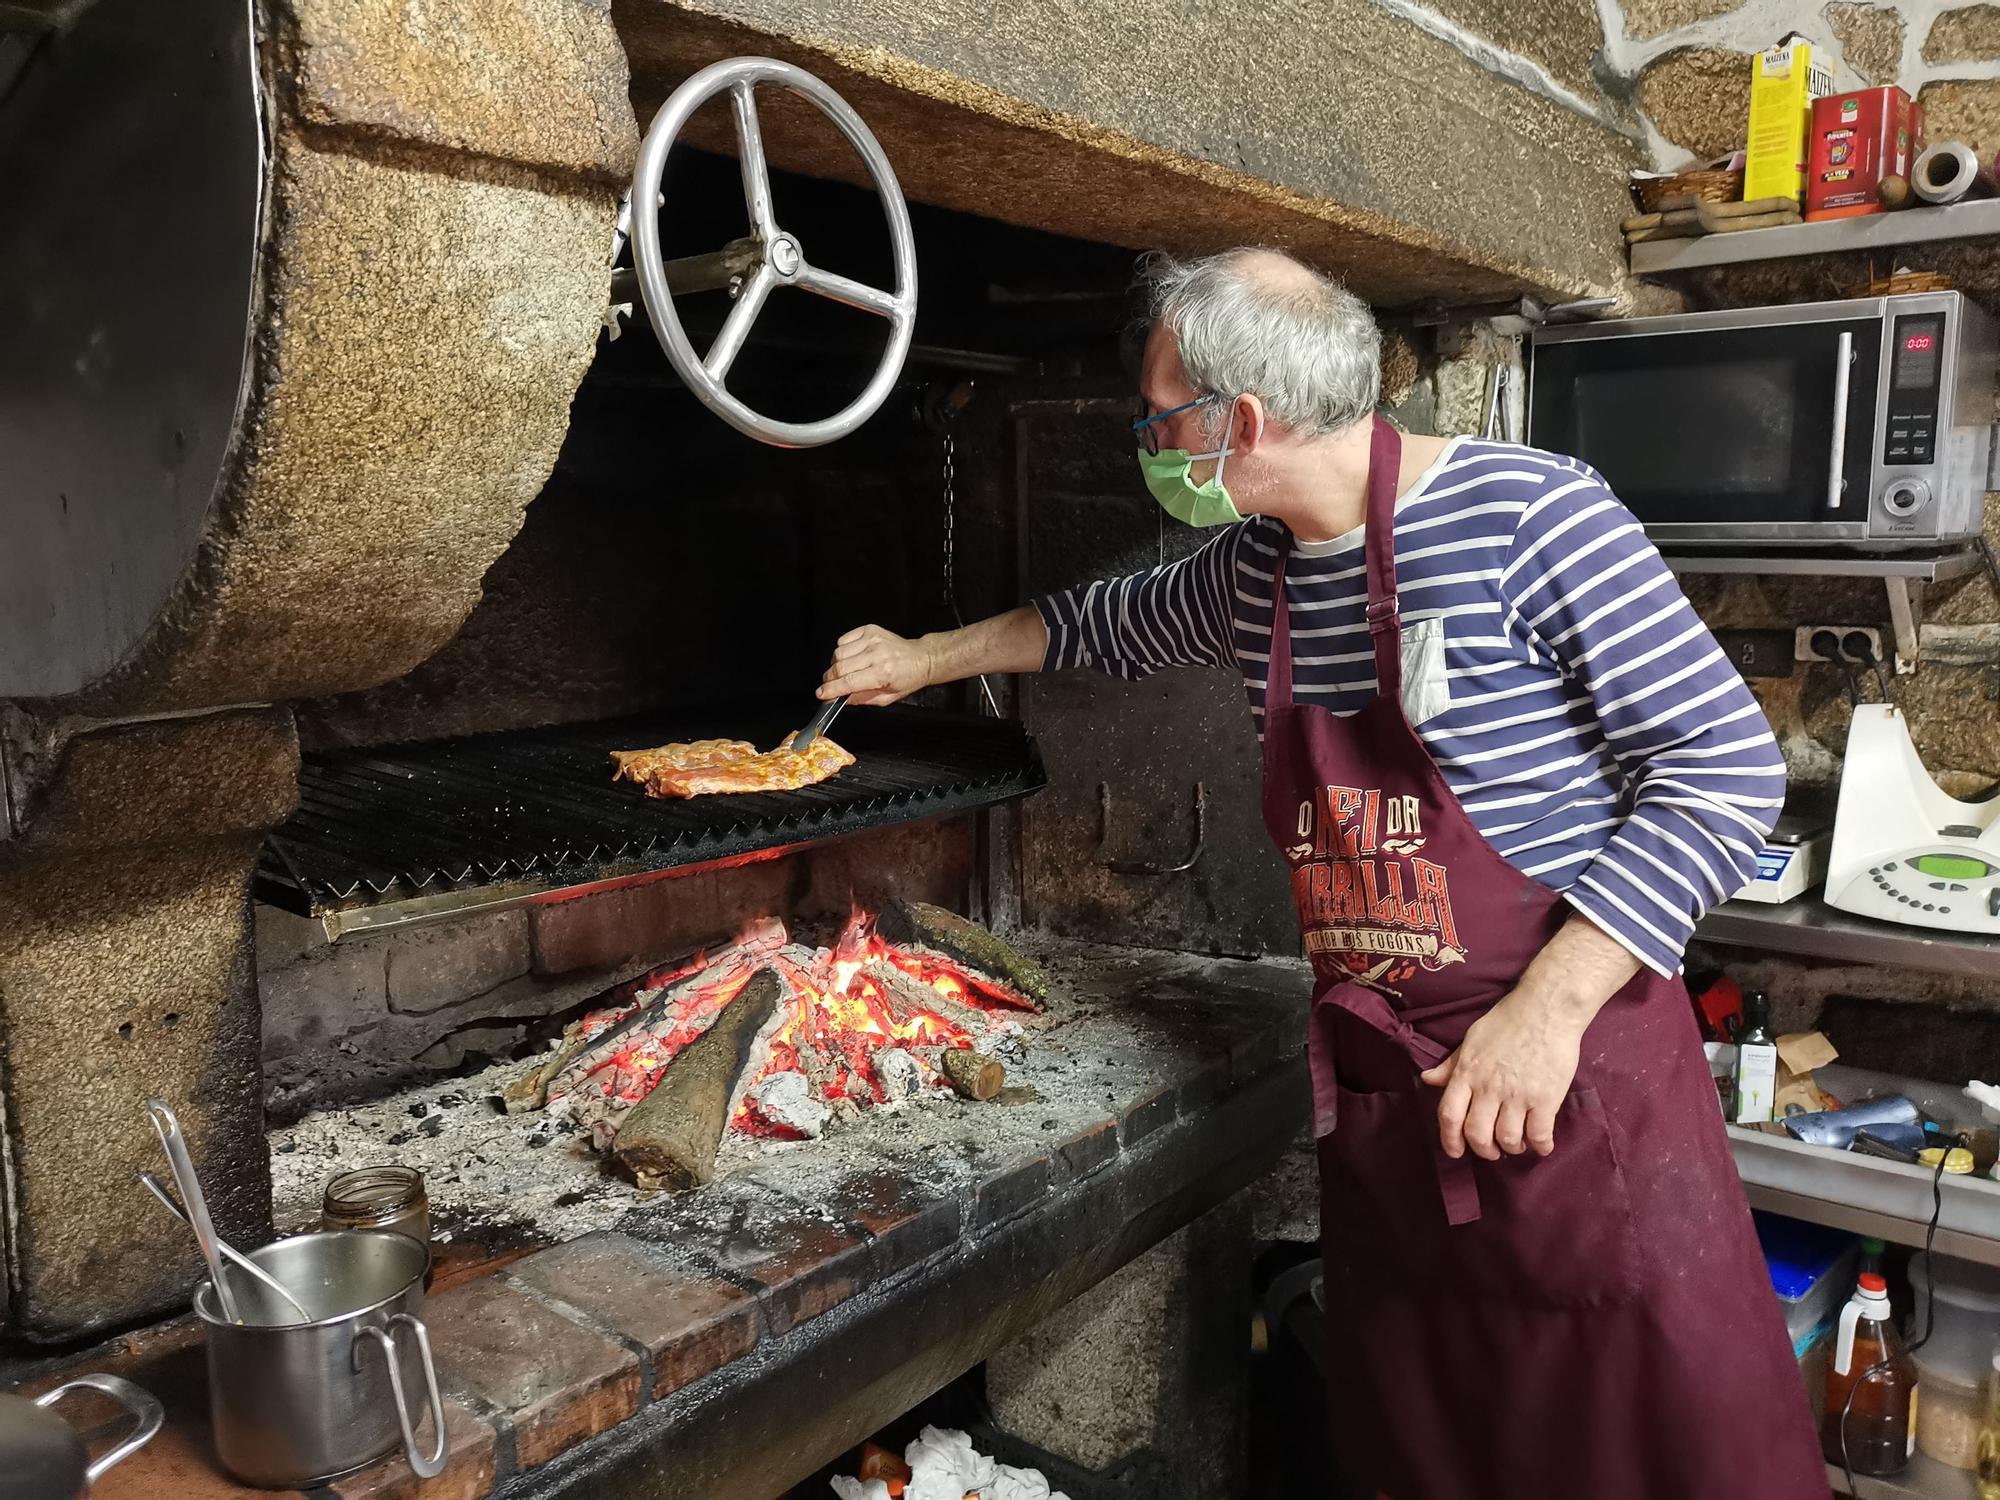 Gustavo Soliño, cocinero del restaurante Pan de Millo, preparando comida para llevar